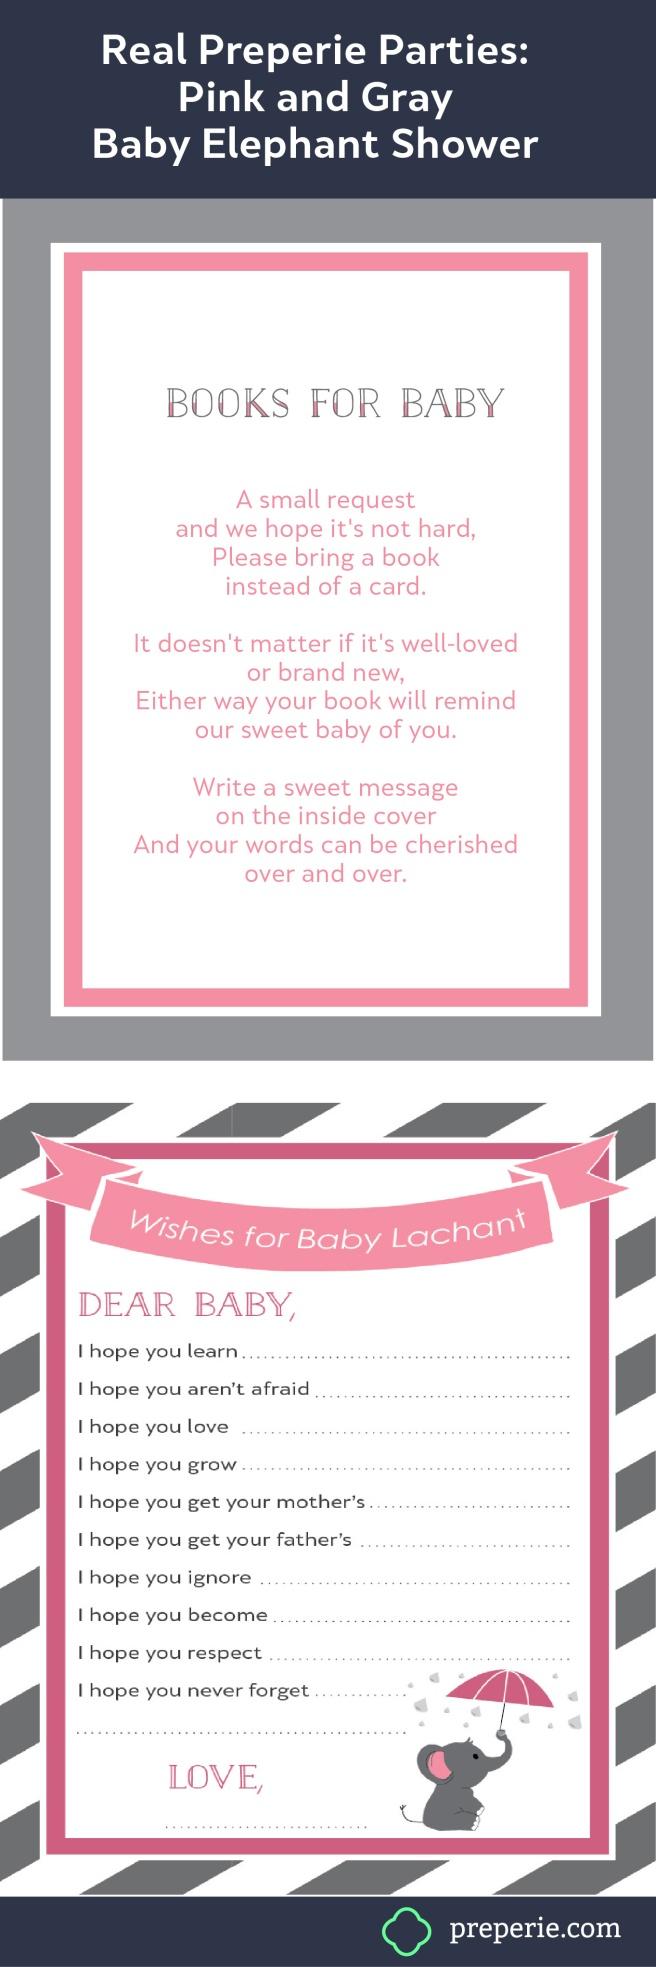 PinkGrayElephantBabyShower_For Baby